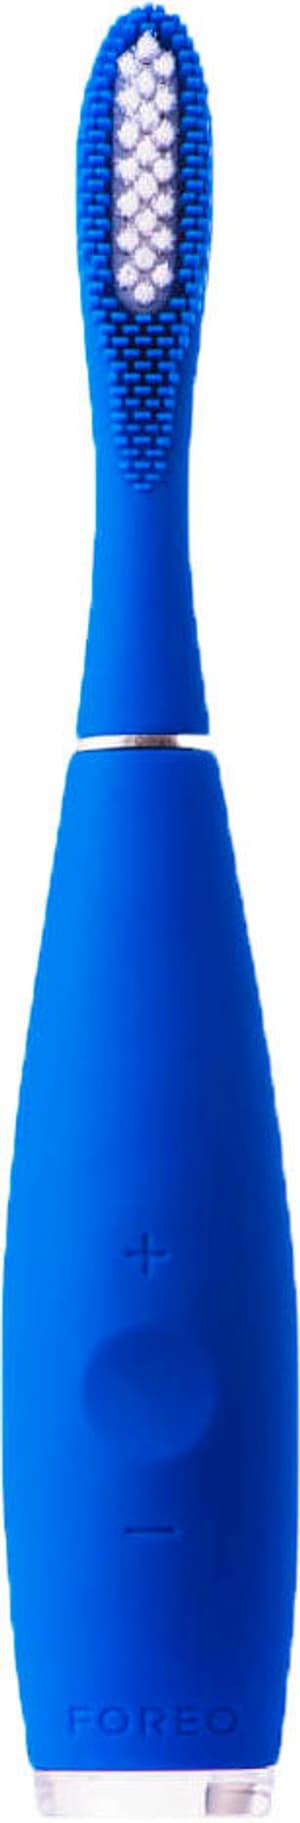 ISSA 2 Cobalt Blue